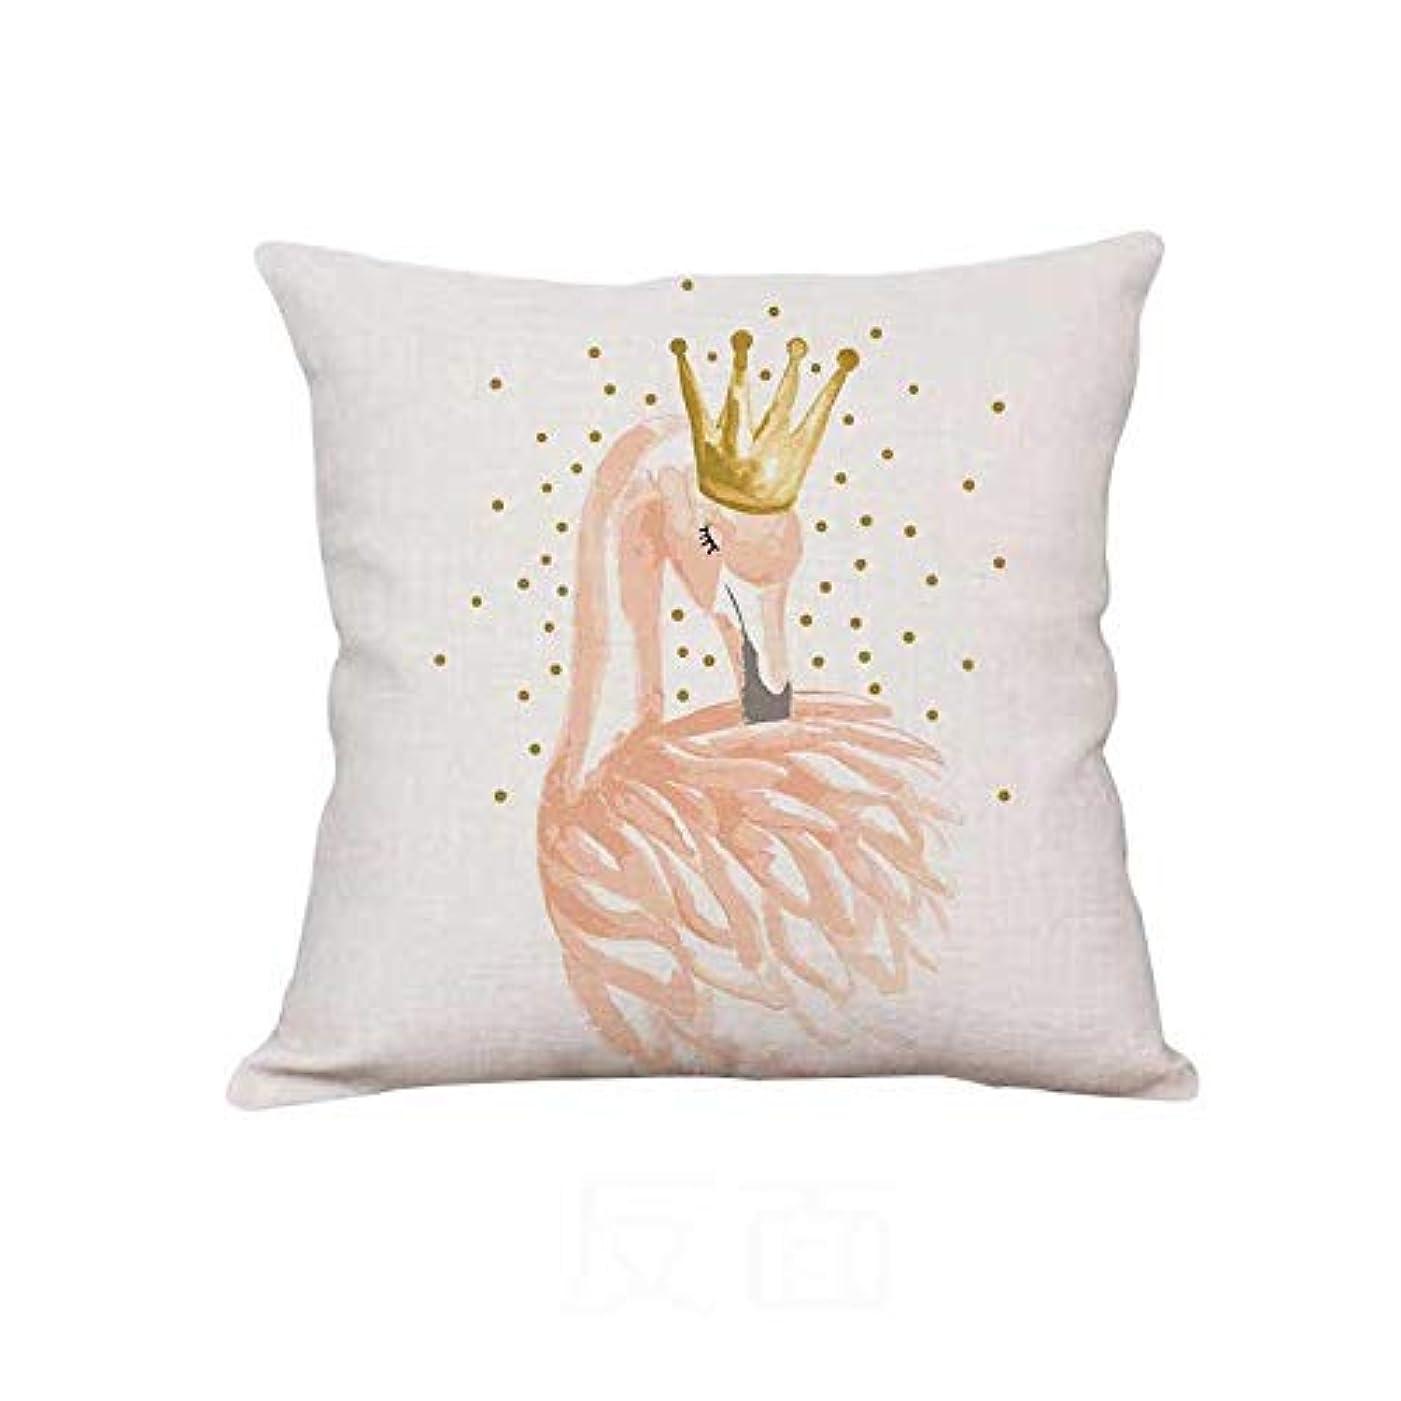 ブルーム気候エーカーLIFE 新しいぬいぐるみピンクフラミンゴクッションガチョウの羽風船幾何北欧家の装飾ソファスロー枕用女の子ルーム装飾 クッション 椅子